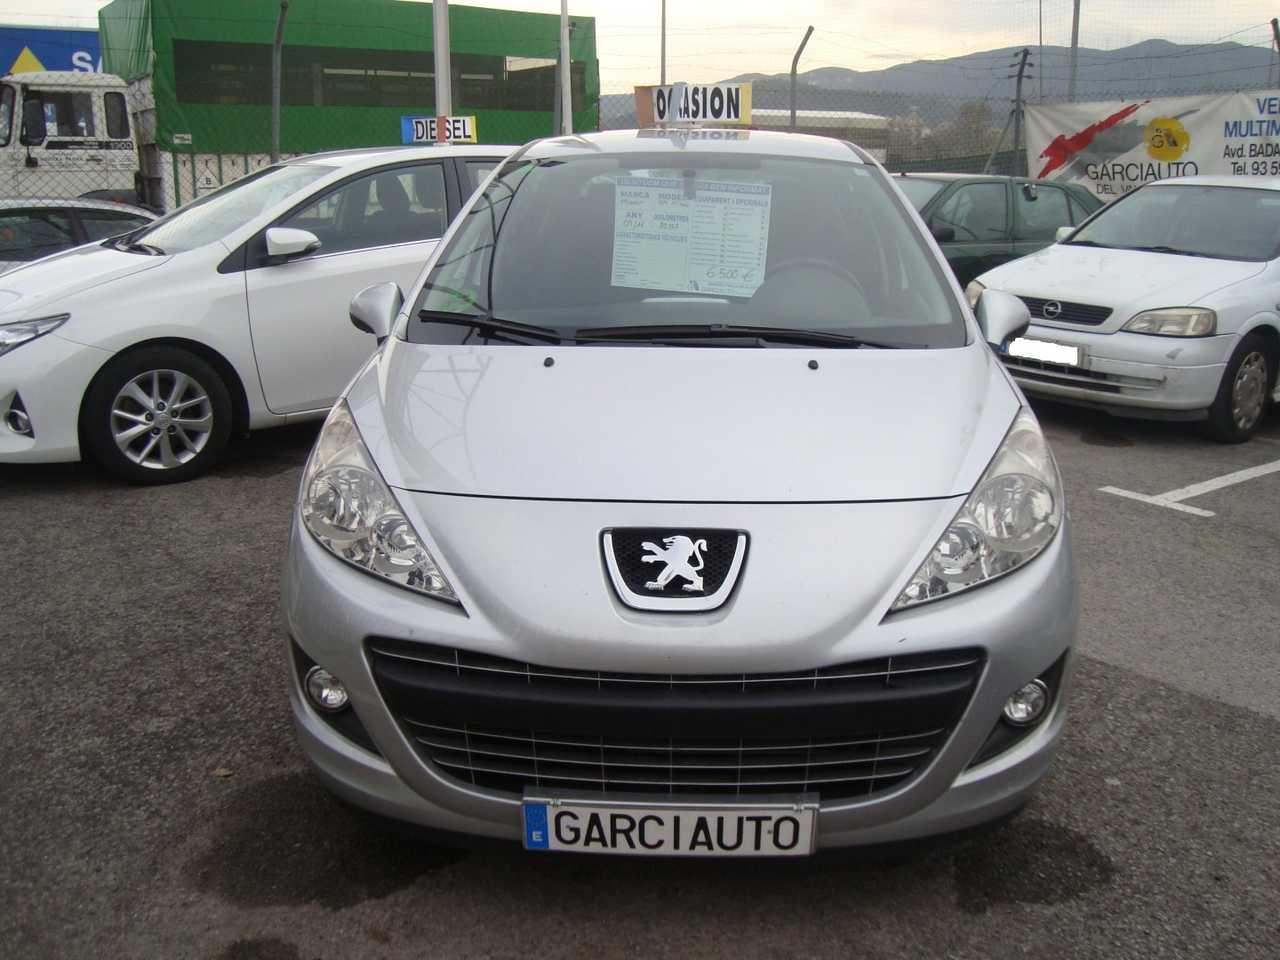 Peugeot 207 1.4  VTI 95 CV   - Foto 1